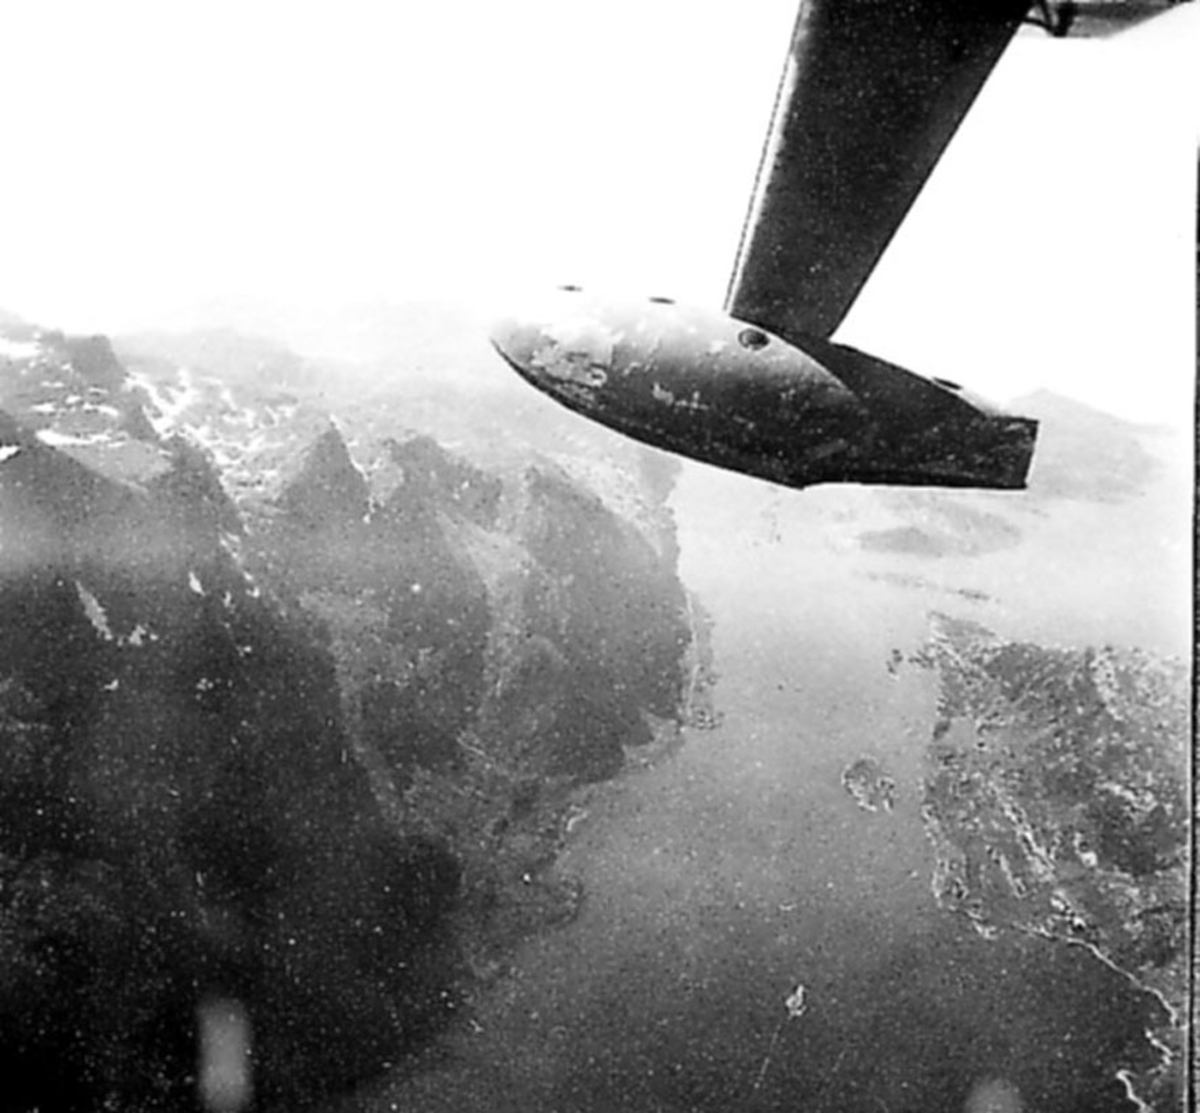 Luftfoto, landskap under. Vingespissen på flyet bildet er tatt fra, sees.